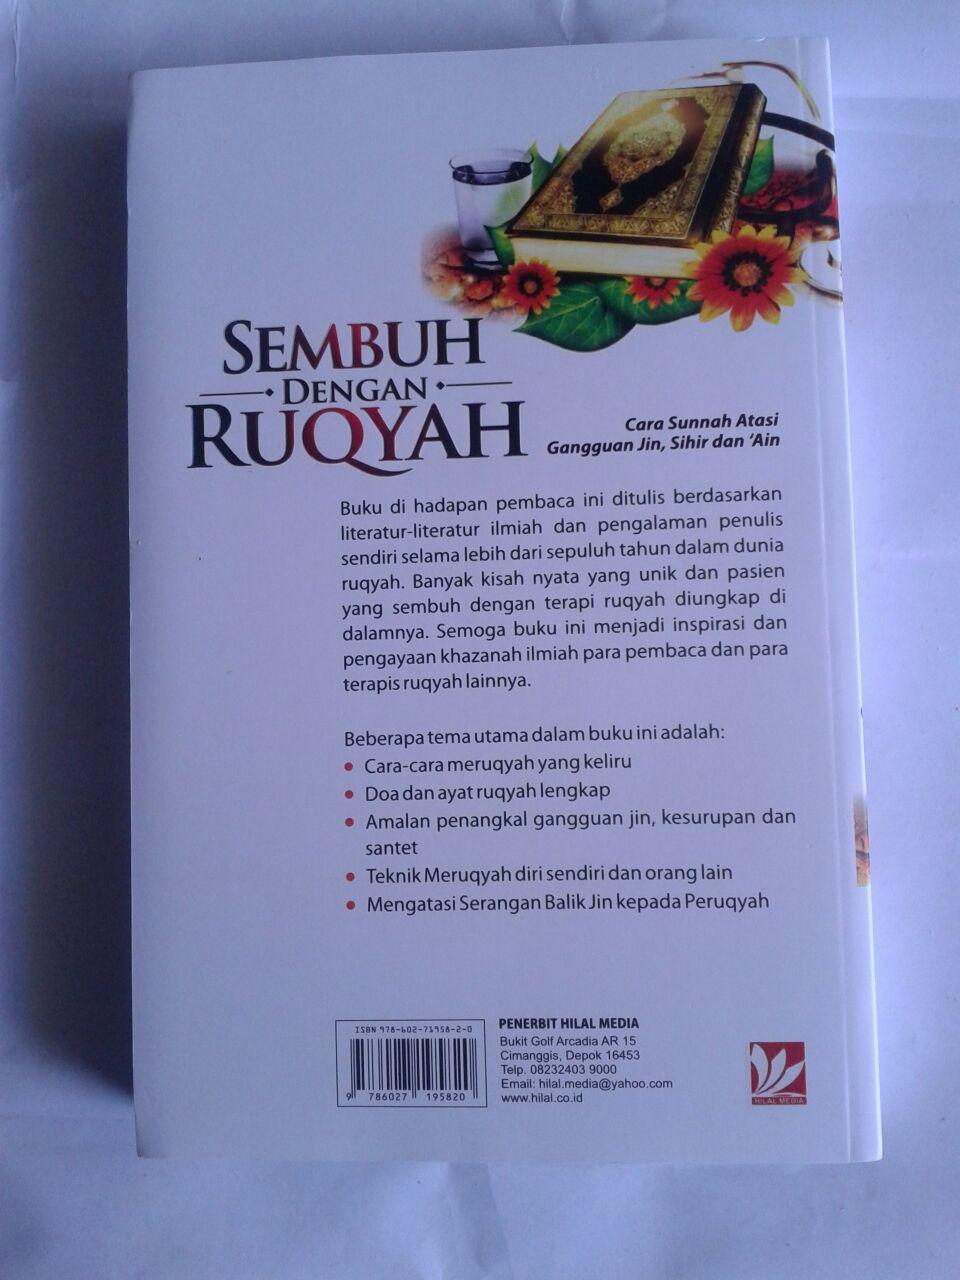 Buku Sembuh Dengan Ruqyah Cara Sunnah Atasi Gangguan Jin cover